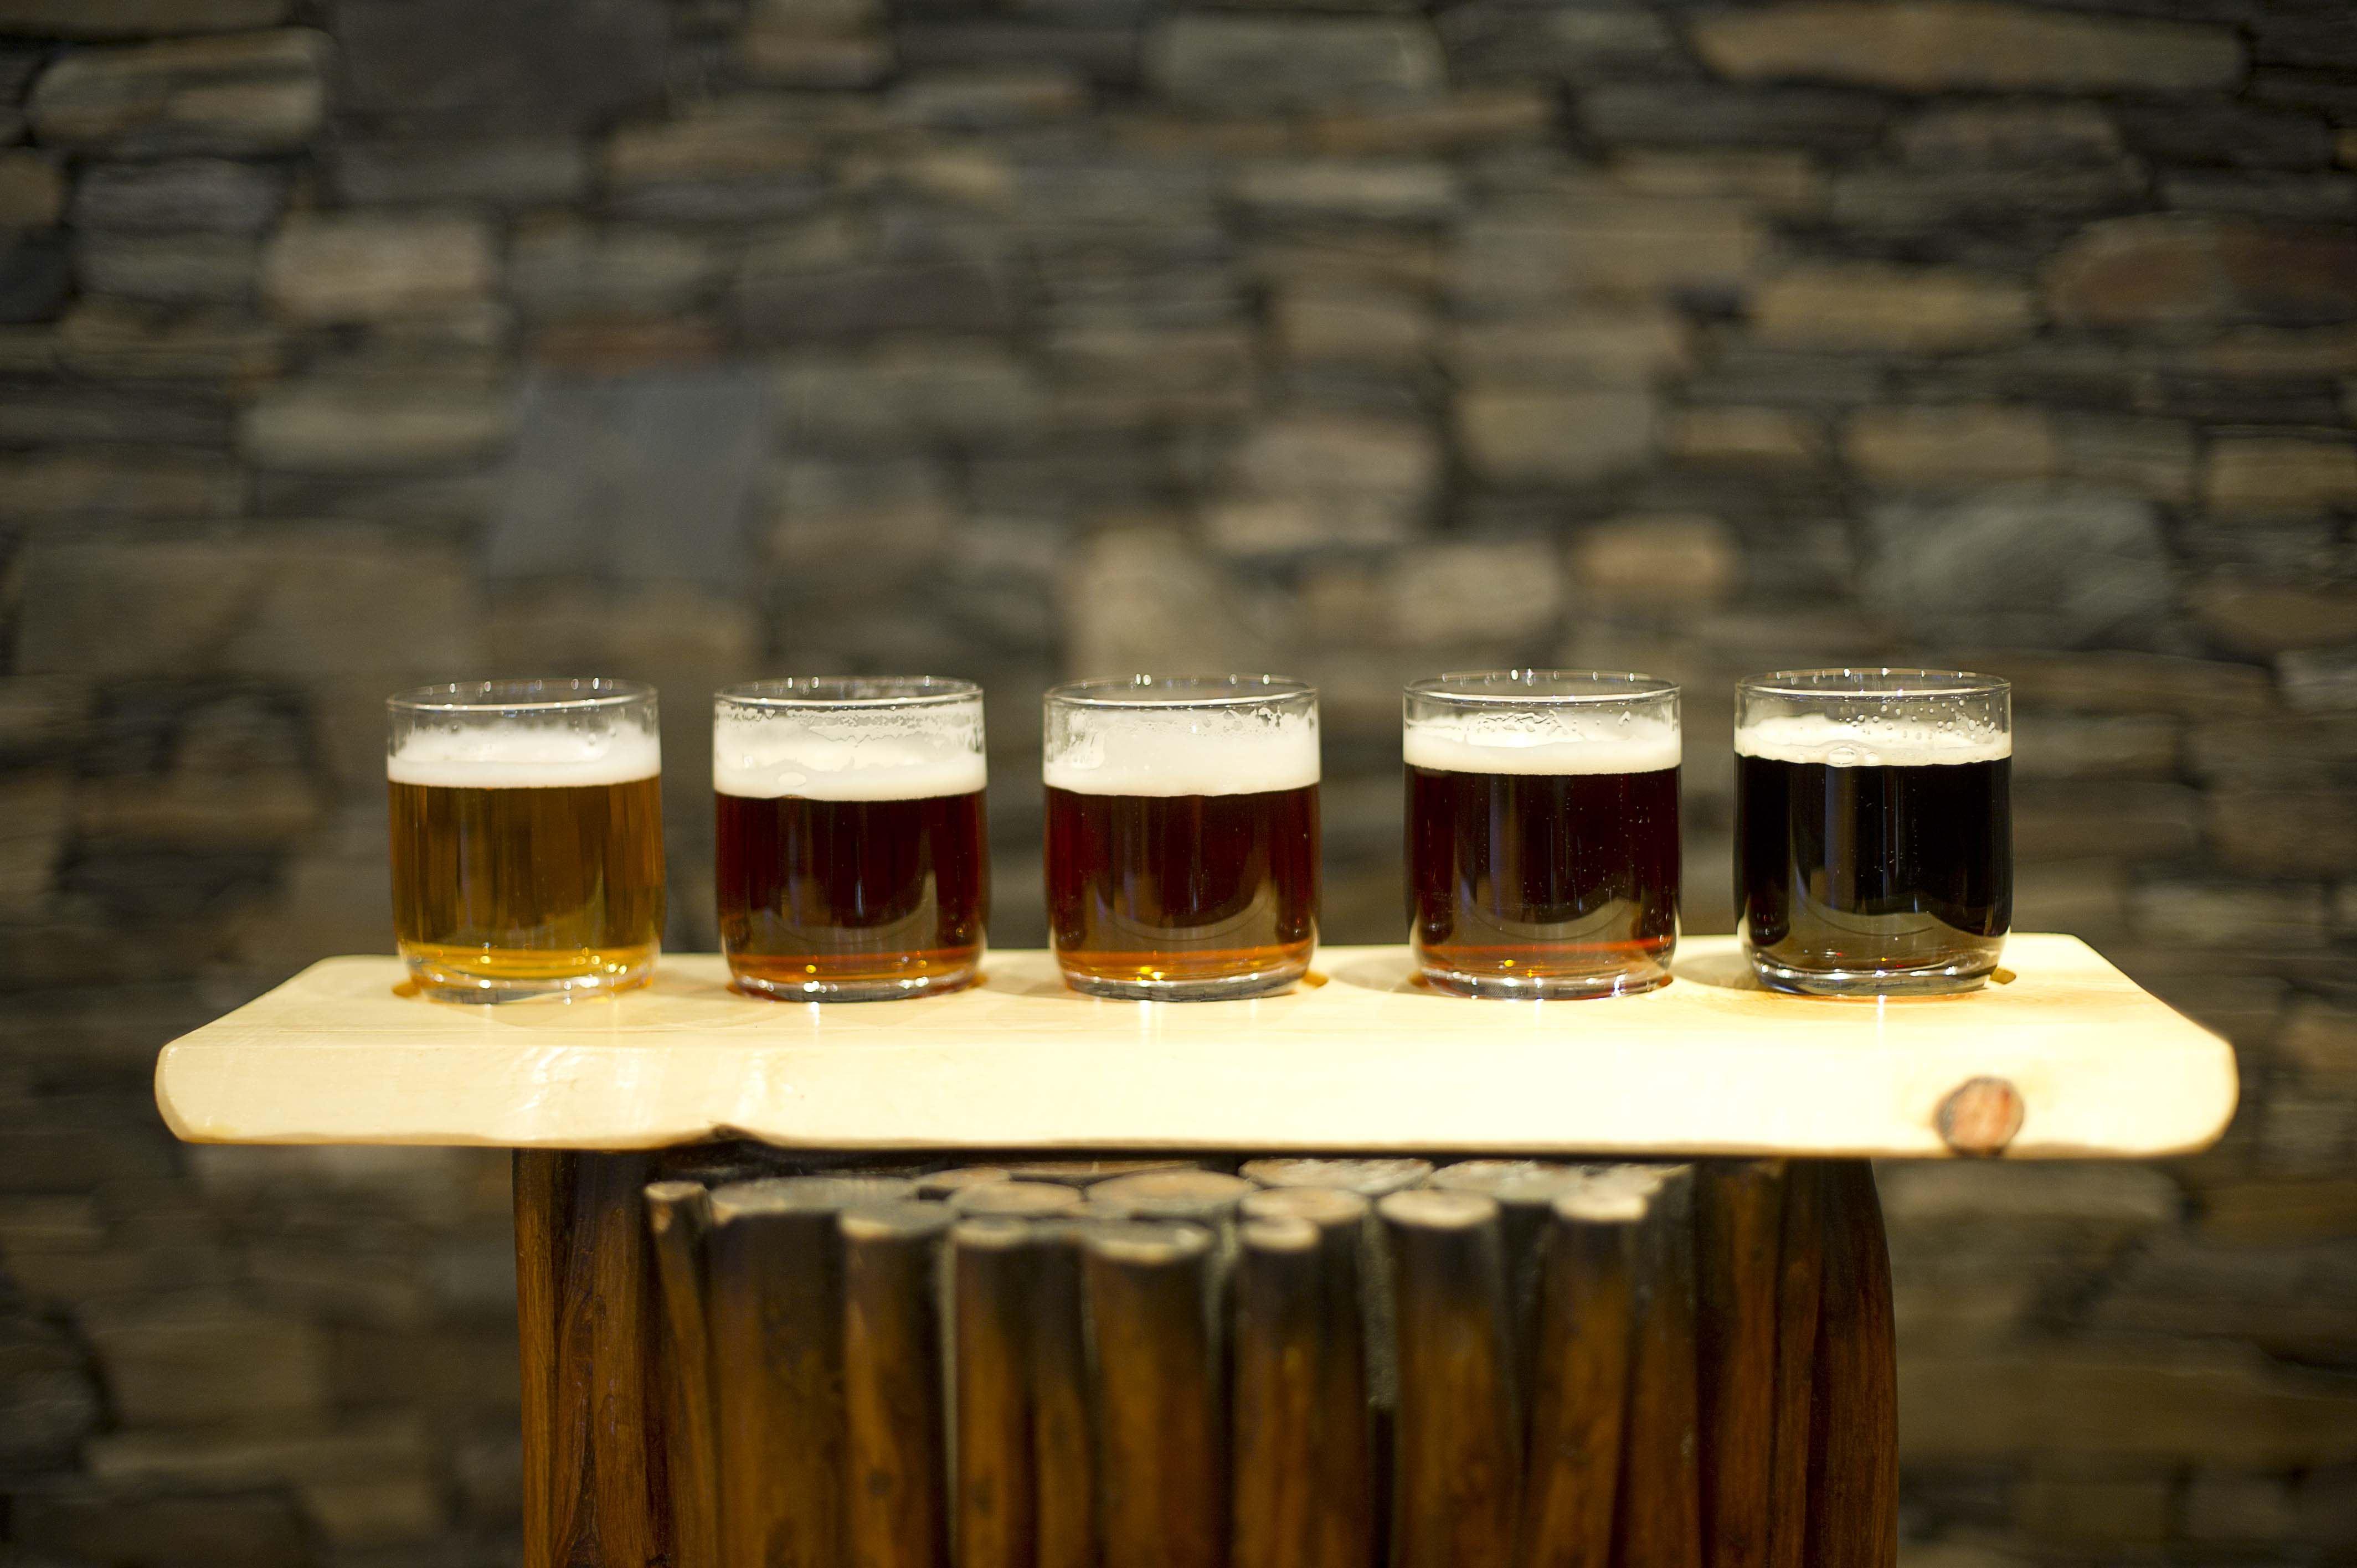 Historie, presentasjon og ølsmaking